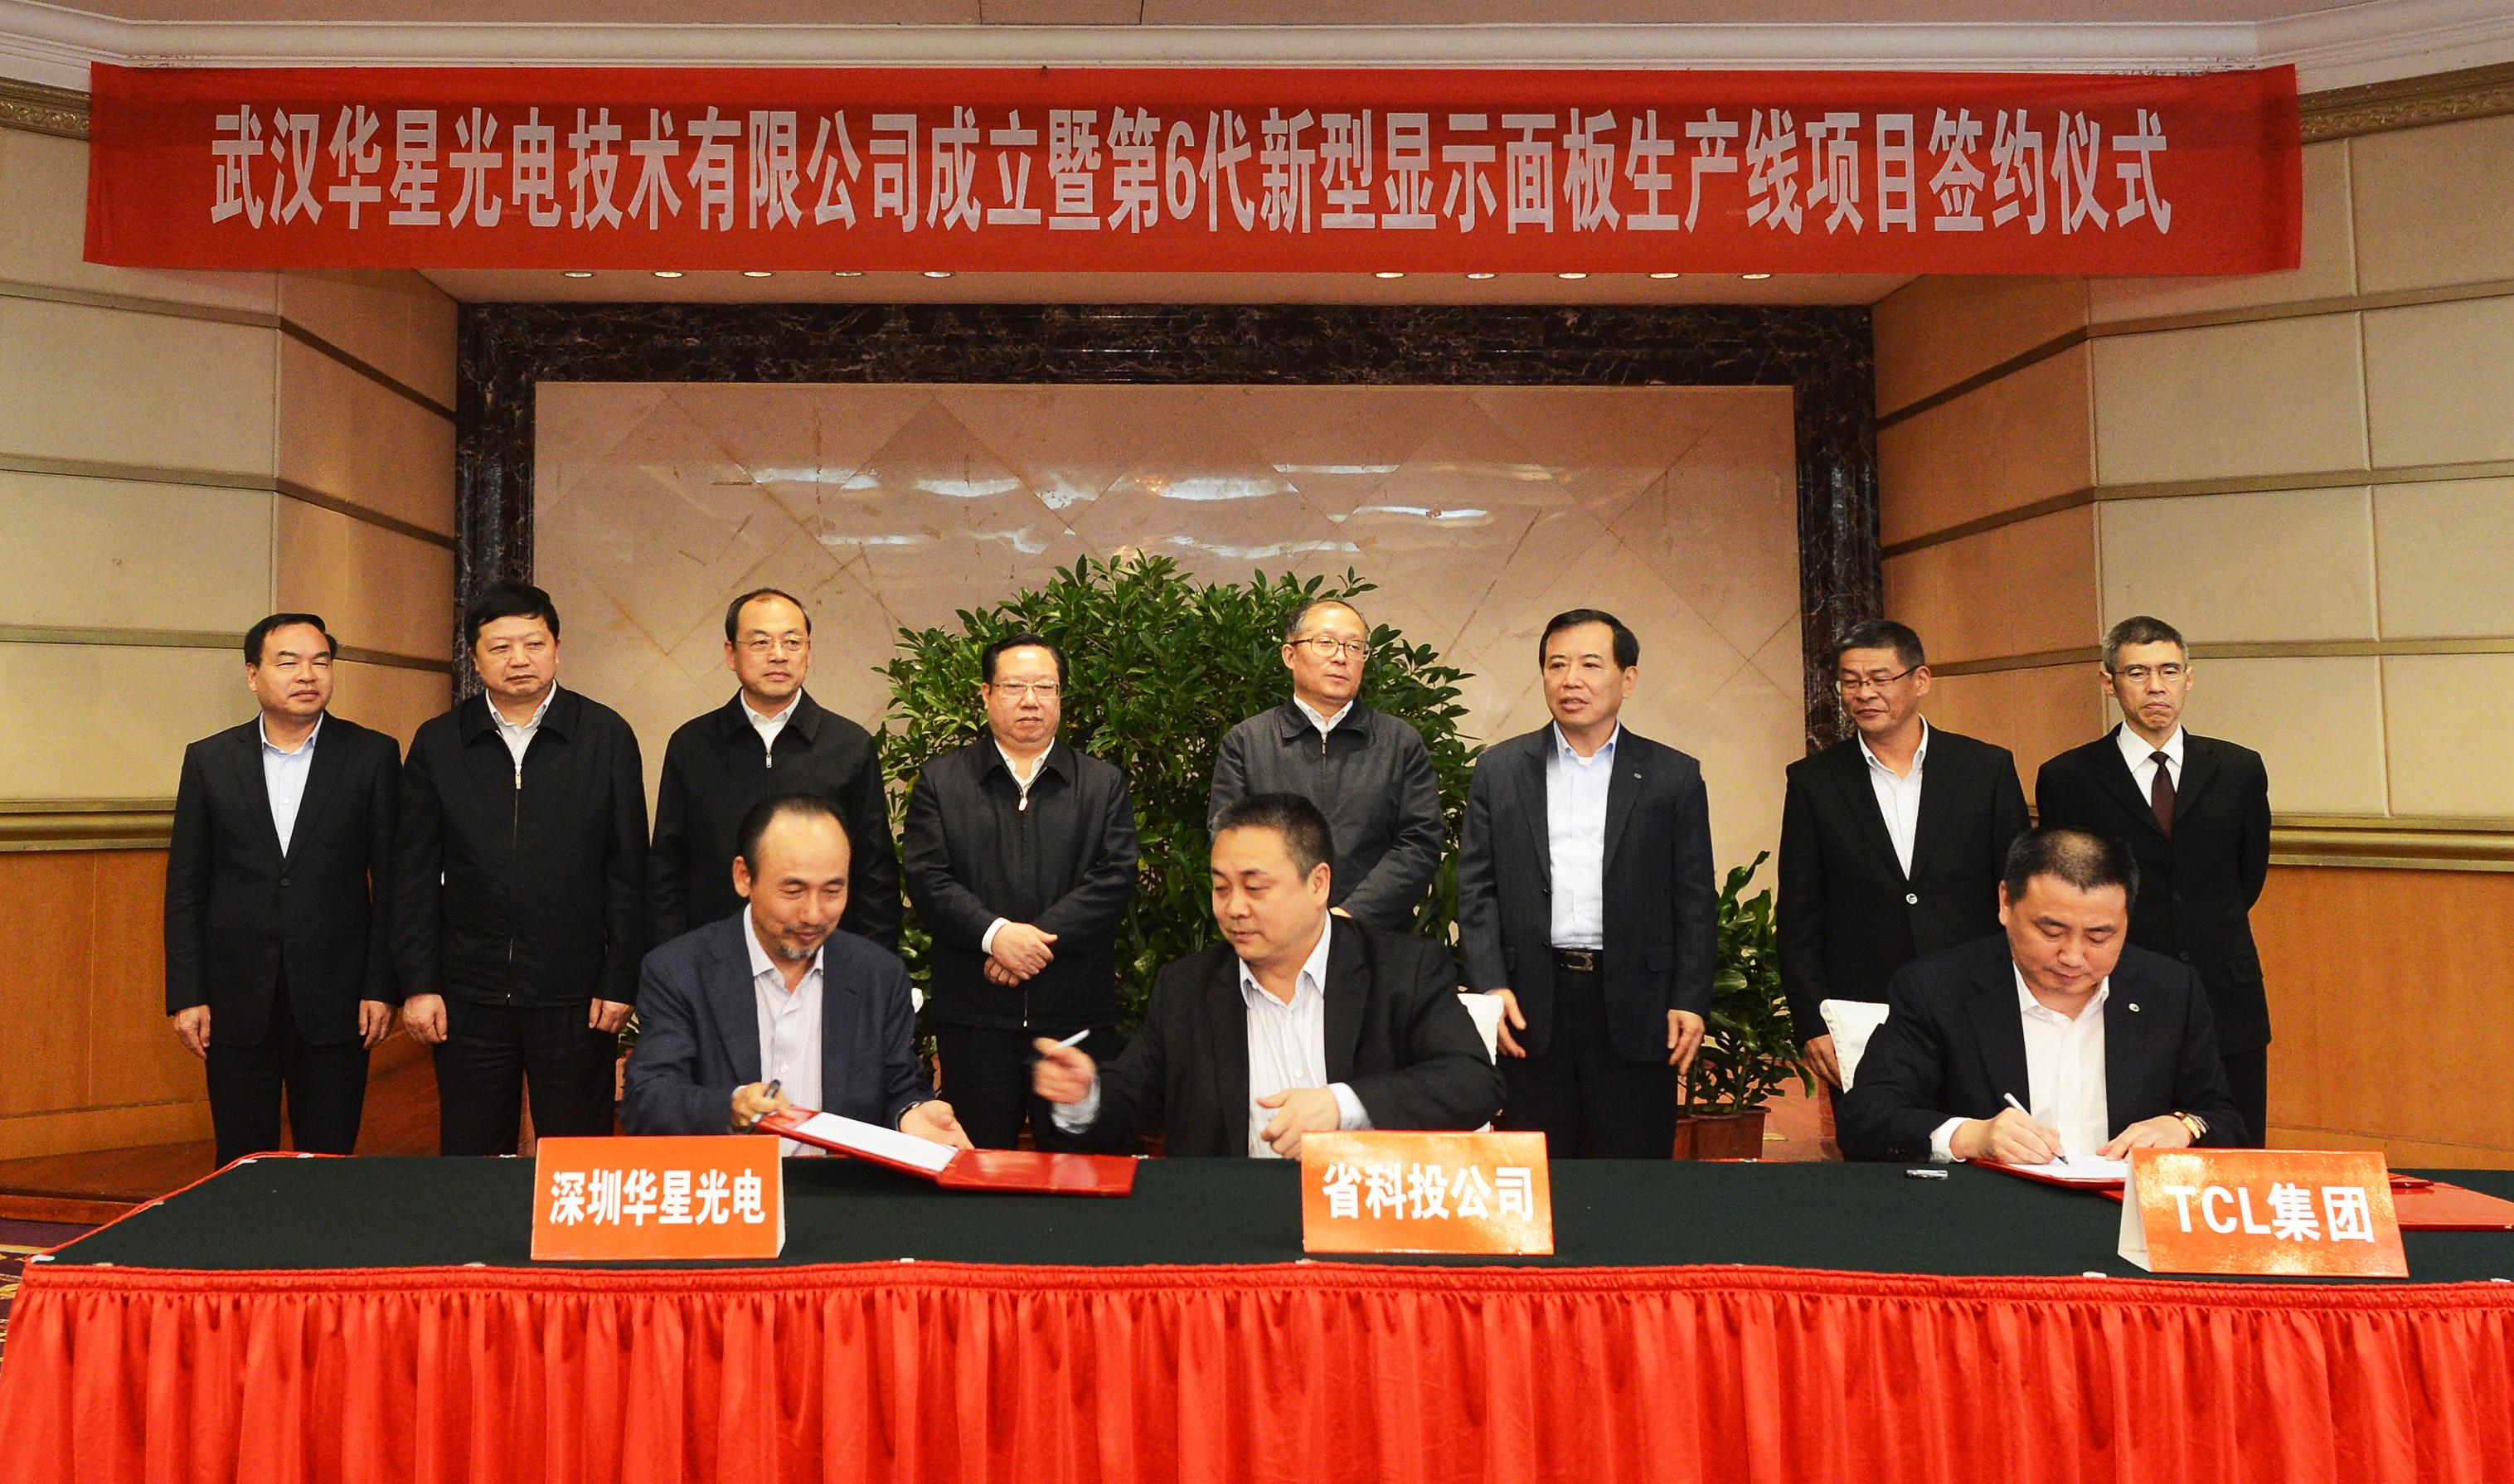 武汉华星光电技术有限公司签约成立,建设第6代LTPS(OXIDE)?LCDAMOLED显示面板生产线。